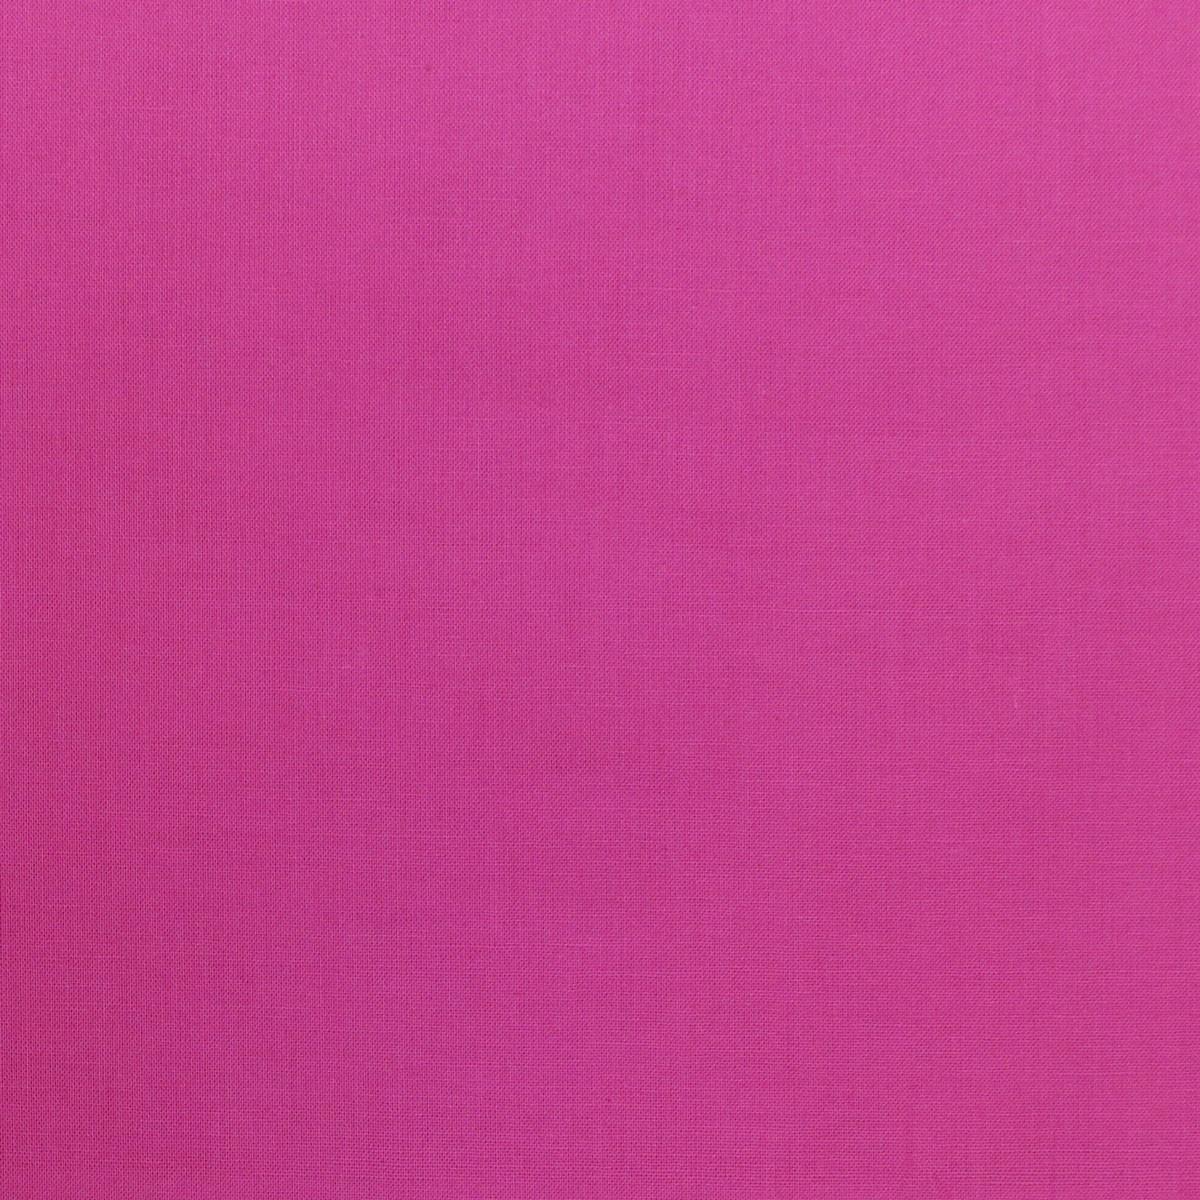 Kreativstoff Baumwollstoff Fahnentuch einfarbig pink 1,45m Breite